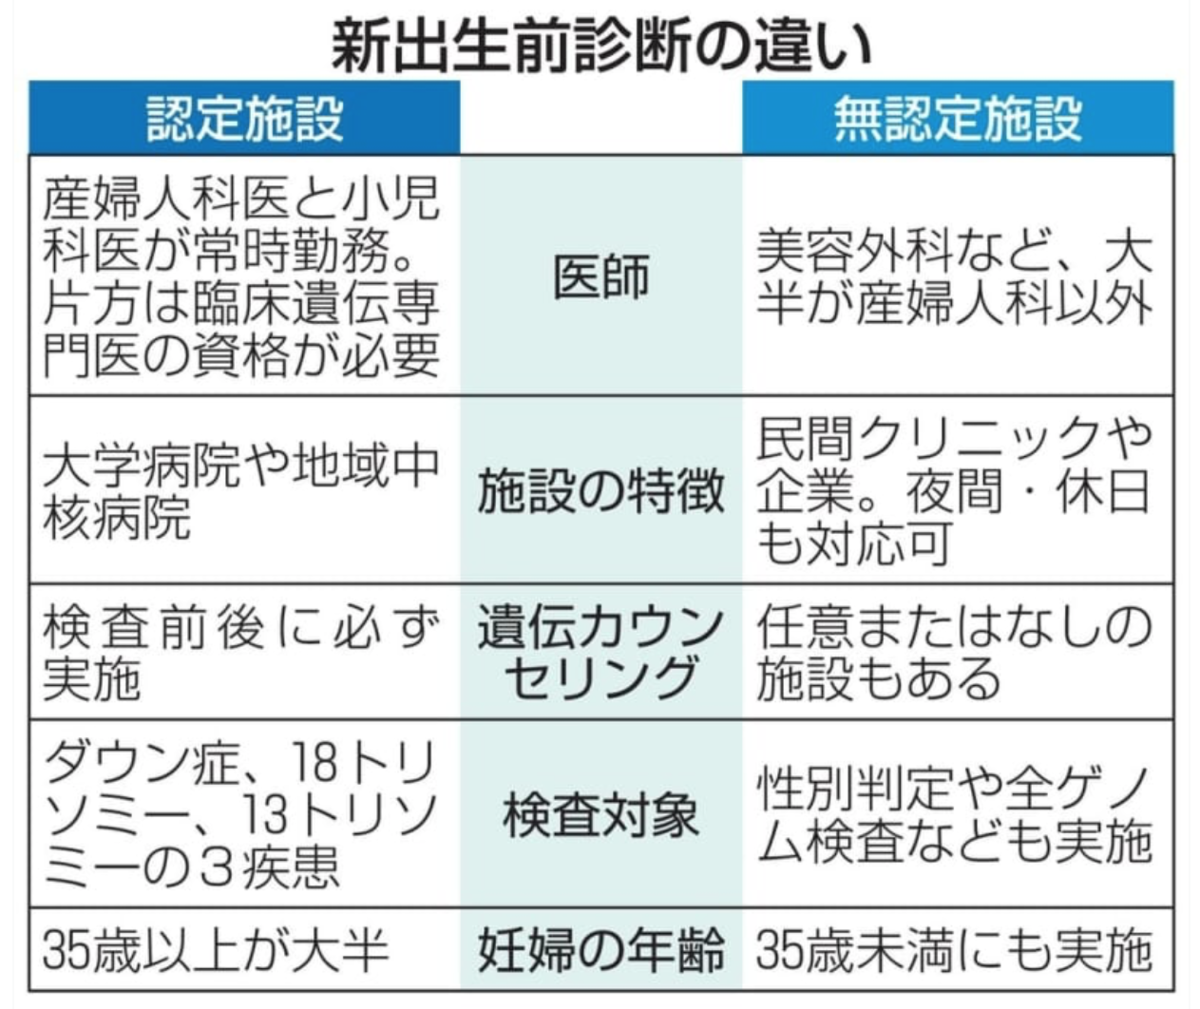 f:id:drsushi:20200815170930p:plain